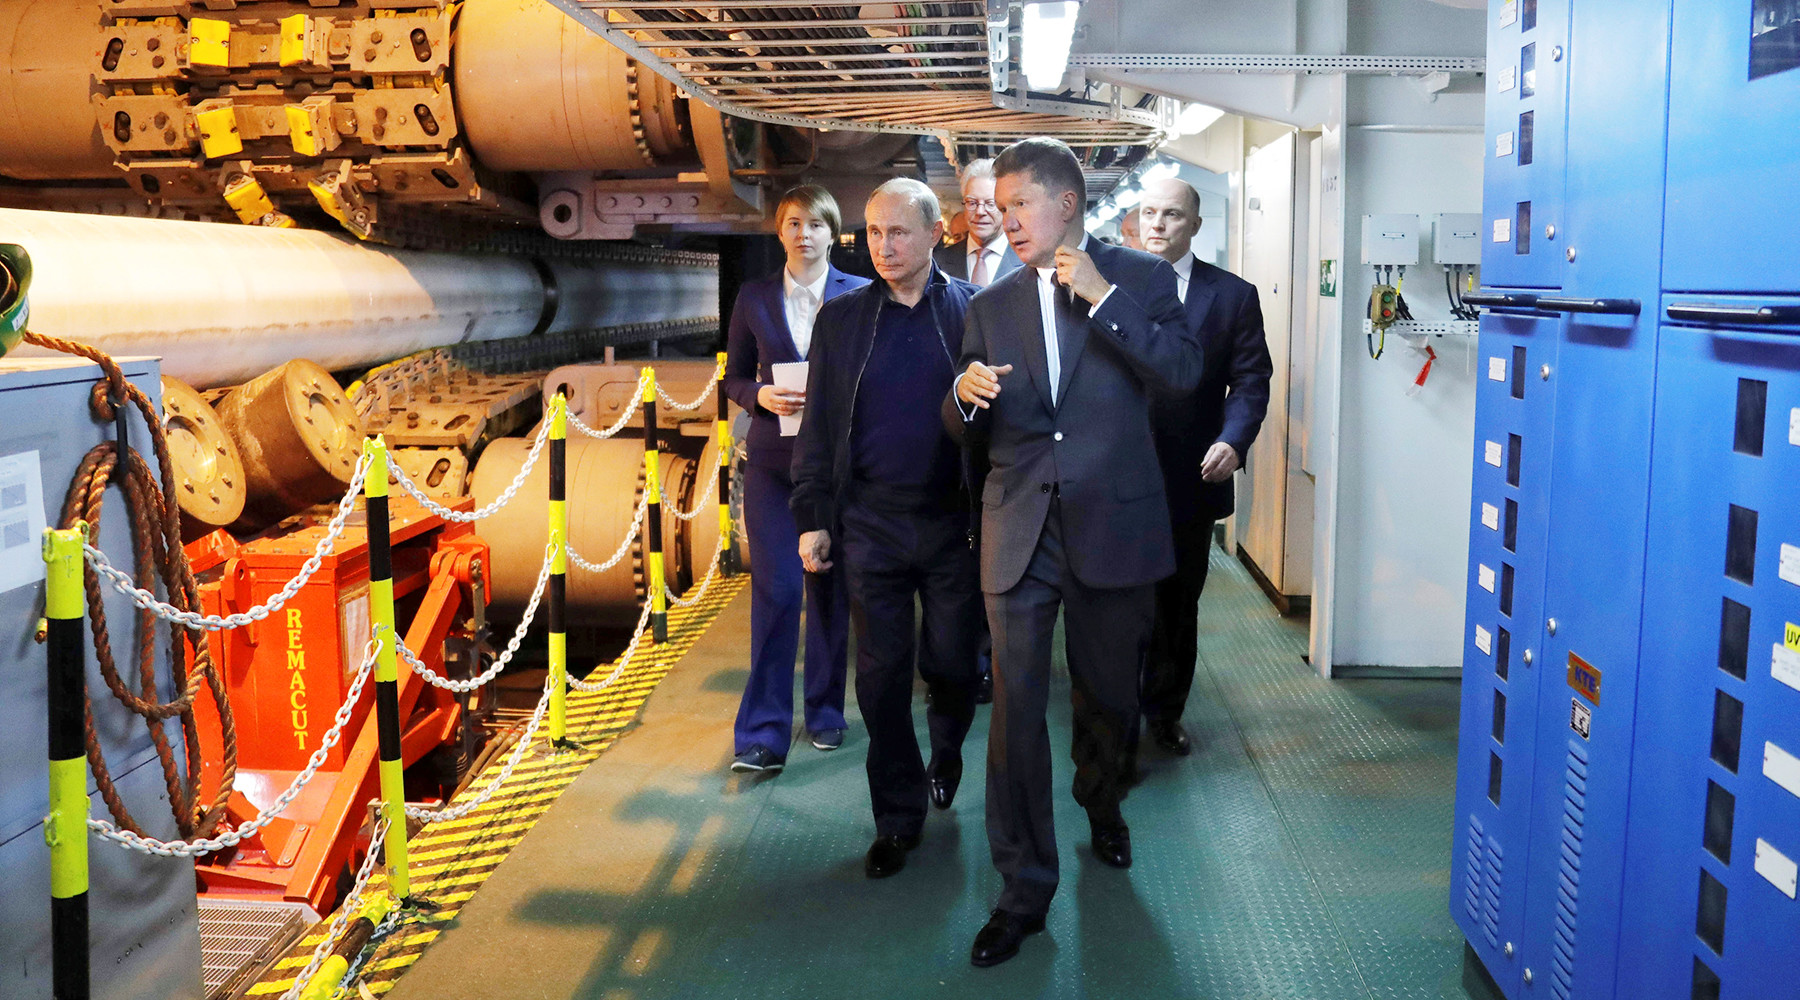 От первого лица: Путин дал старт стыковке «Турецкого потока»